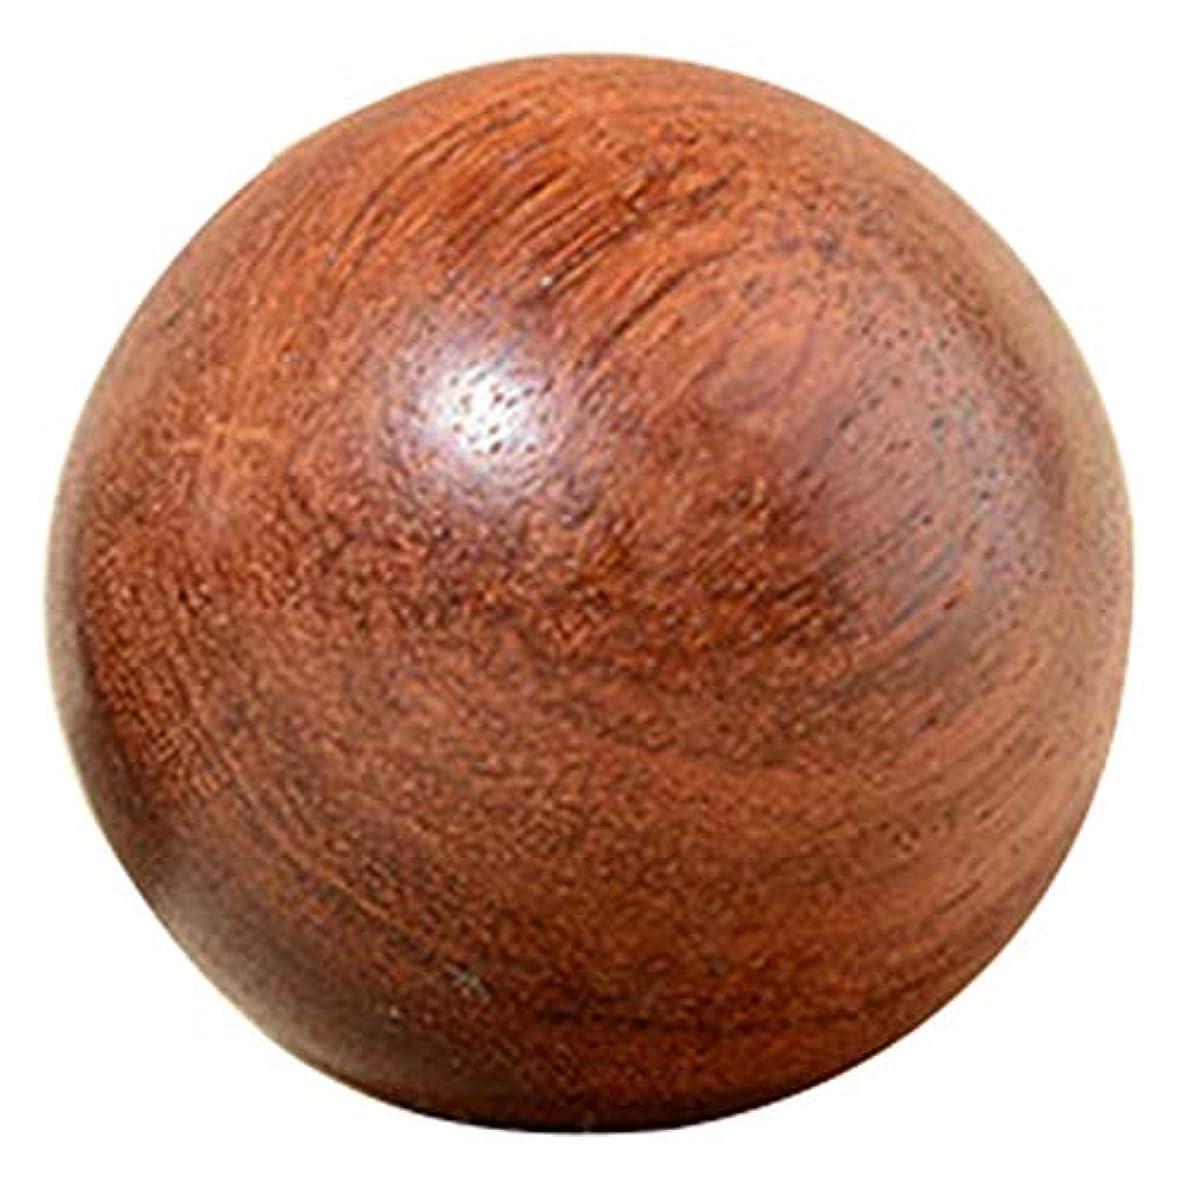 ライセンスぐるぐる断言するACAMPTAR 5Cm 木製圧力Baodingボール、健康運動用ハンドボール、指のマッサージ、中国健康瞑想リラクゼーション療法